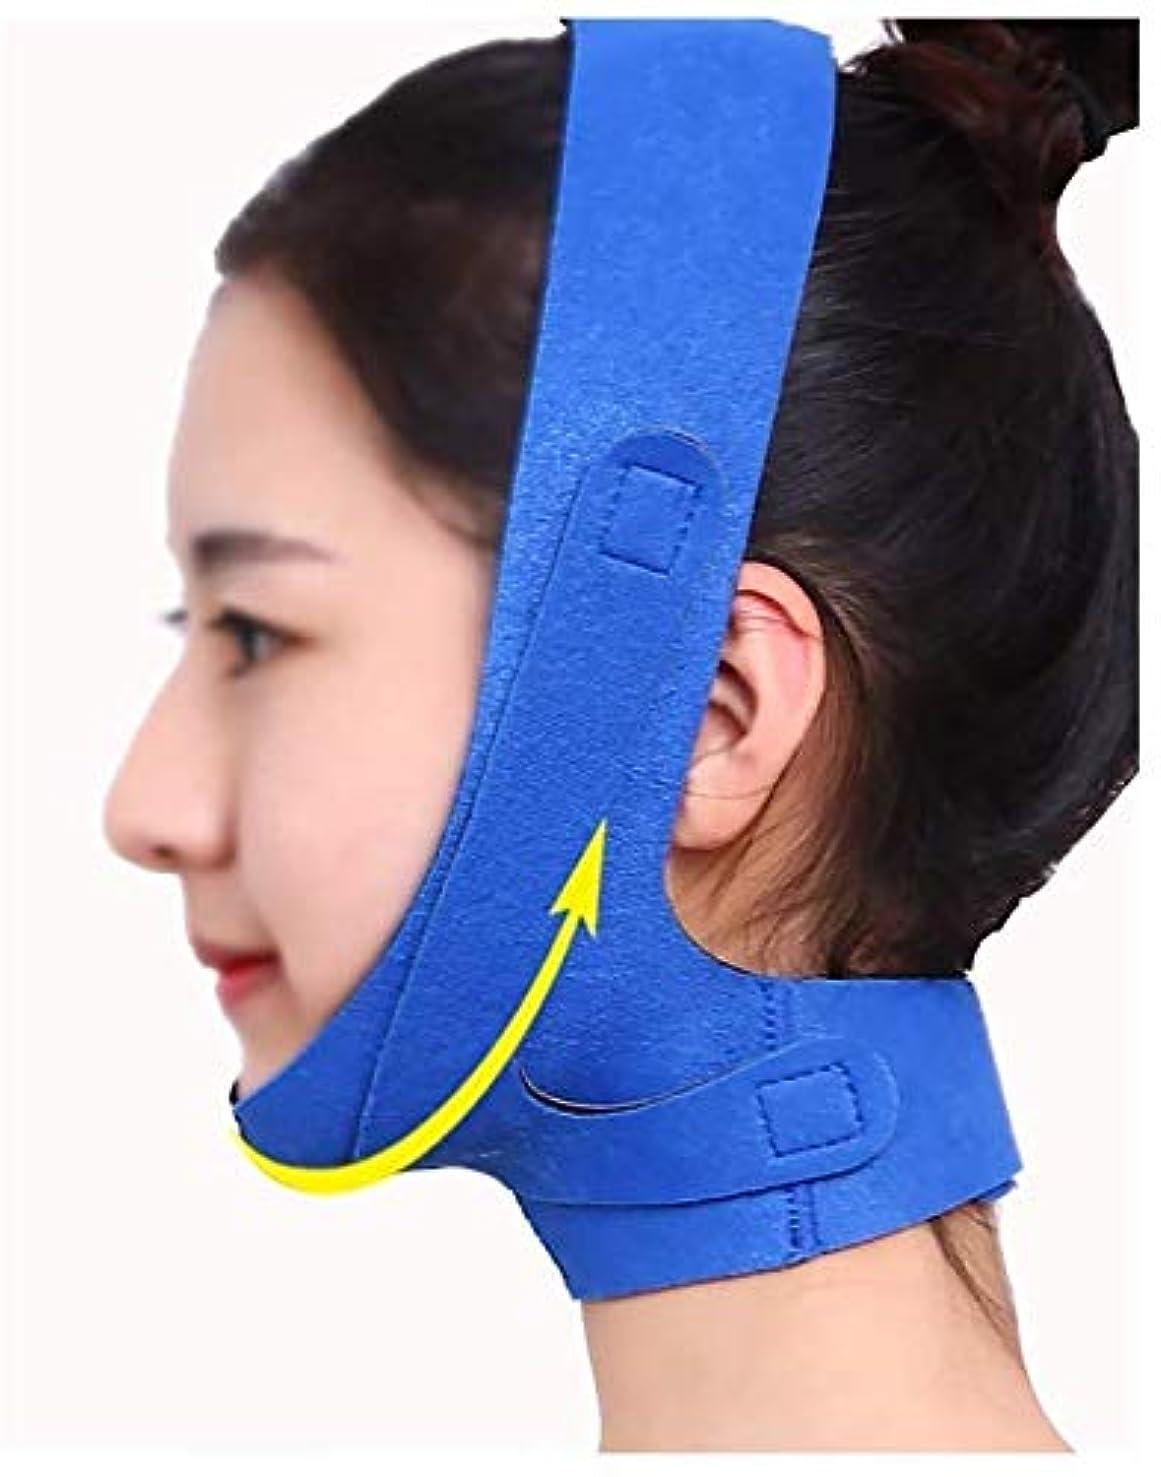 車プレゼンターブーム美容と実用的なフェイスリフトマスク、チンストラップ回復包帯睡眠薄いフェイスバンデージ薄いフェイスマスクフェイスリフトアーティファクトフェイスリフト美容マスク包帯ブルーフェイスマスクで小さなV顔を強化するには